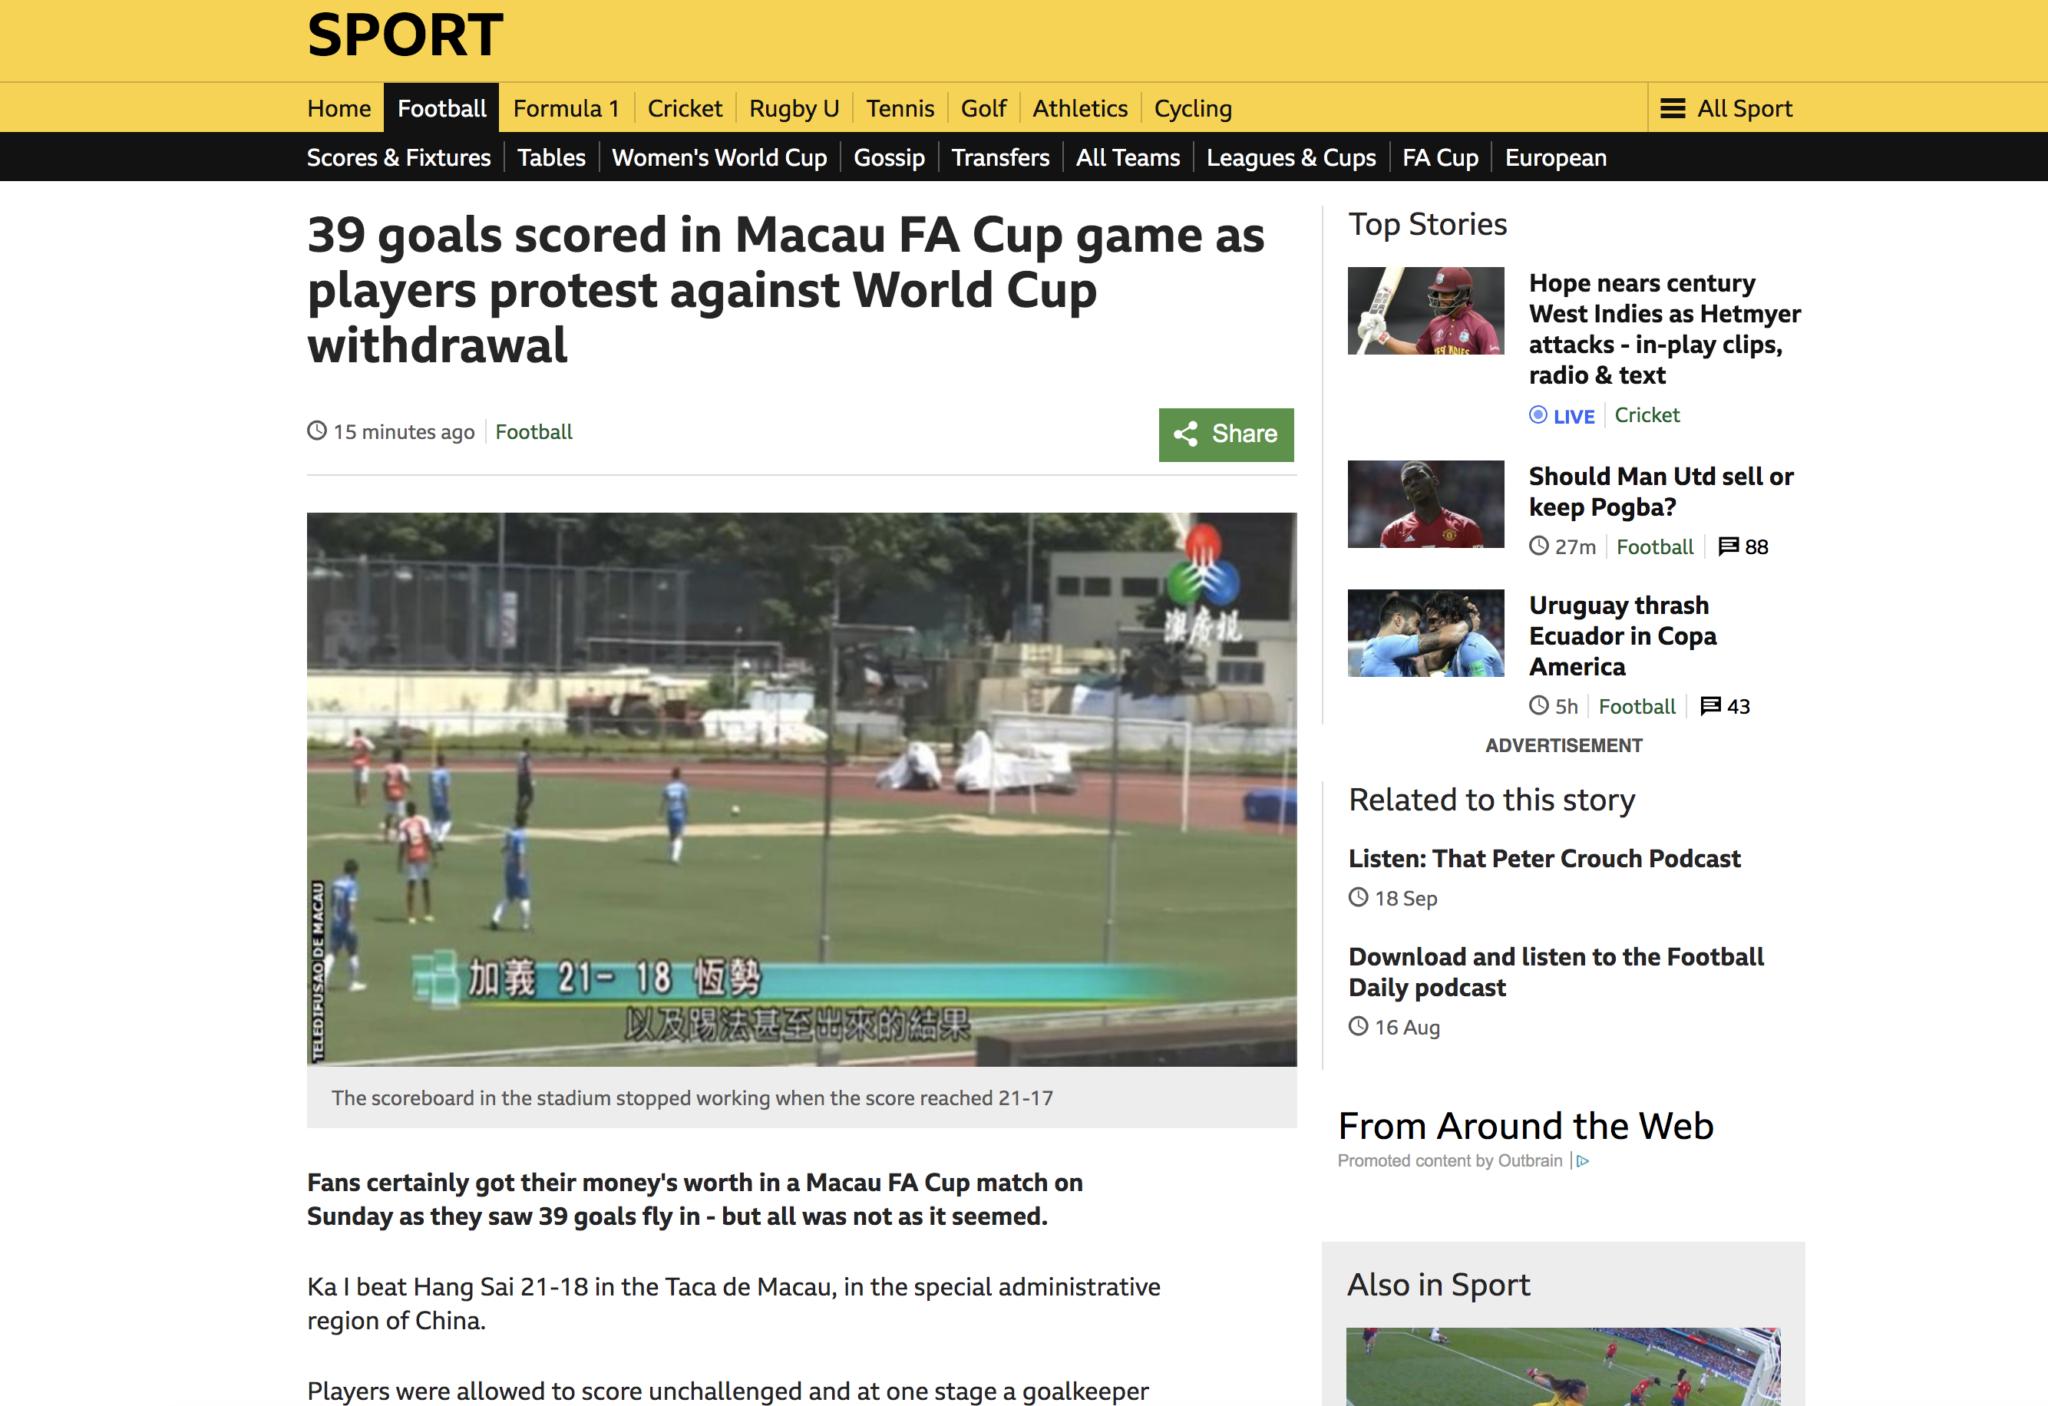 Protesto de Ka I e Hang Sai na Taça de Macau chega à BBC